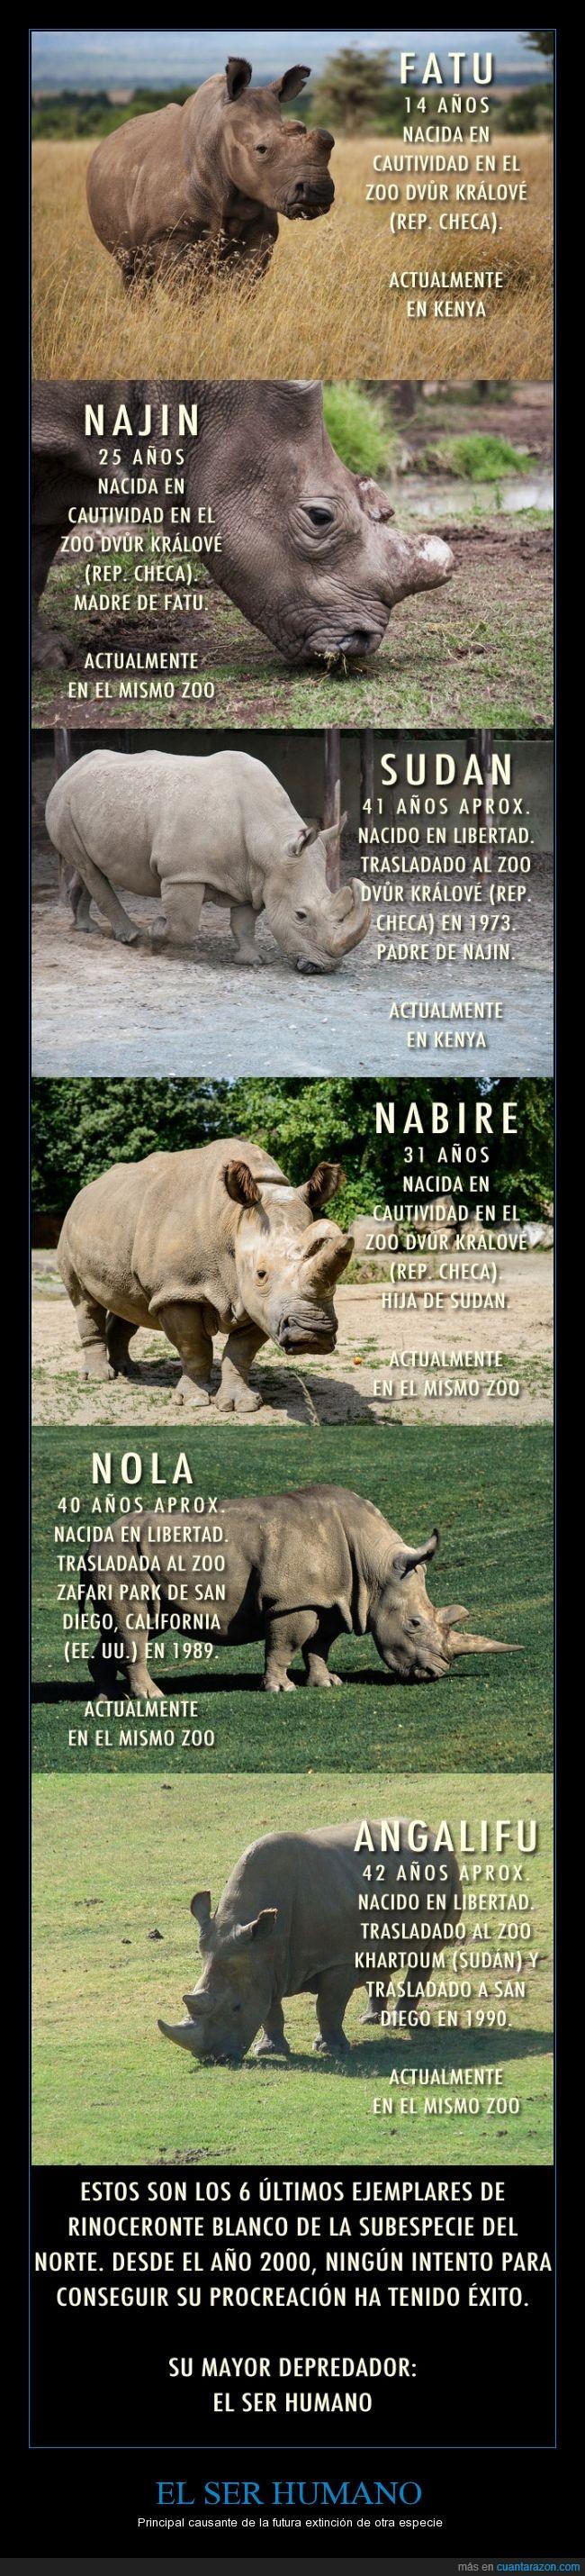 Animales,El Ser Humano,Kenya,Peligro de Extinción,Rinocerontes,Zoo